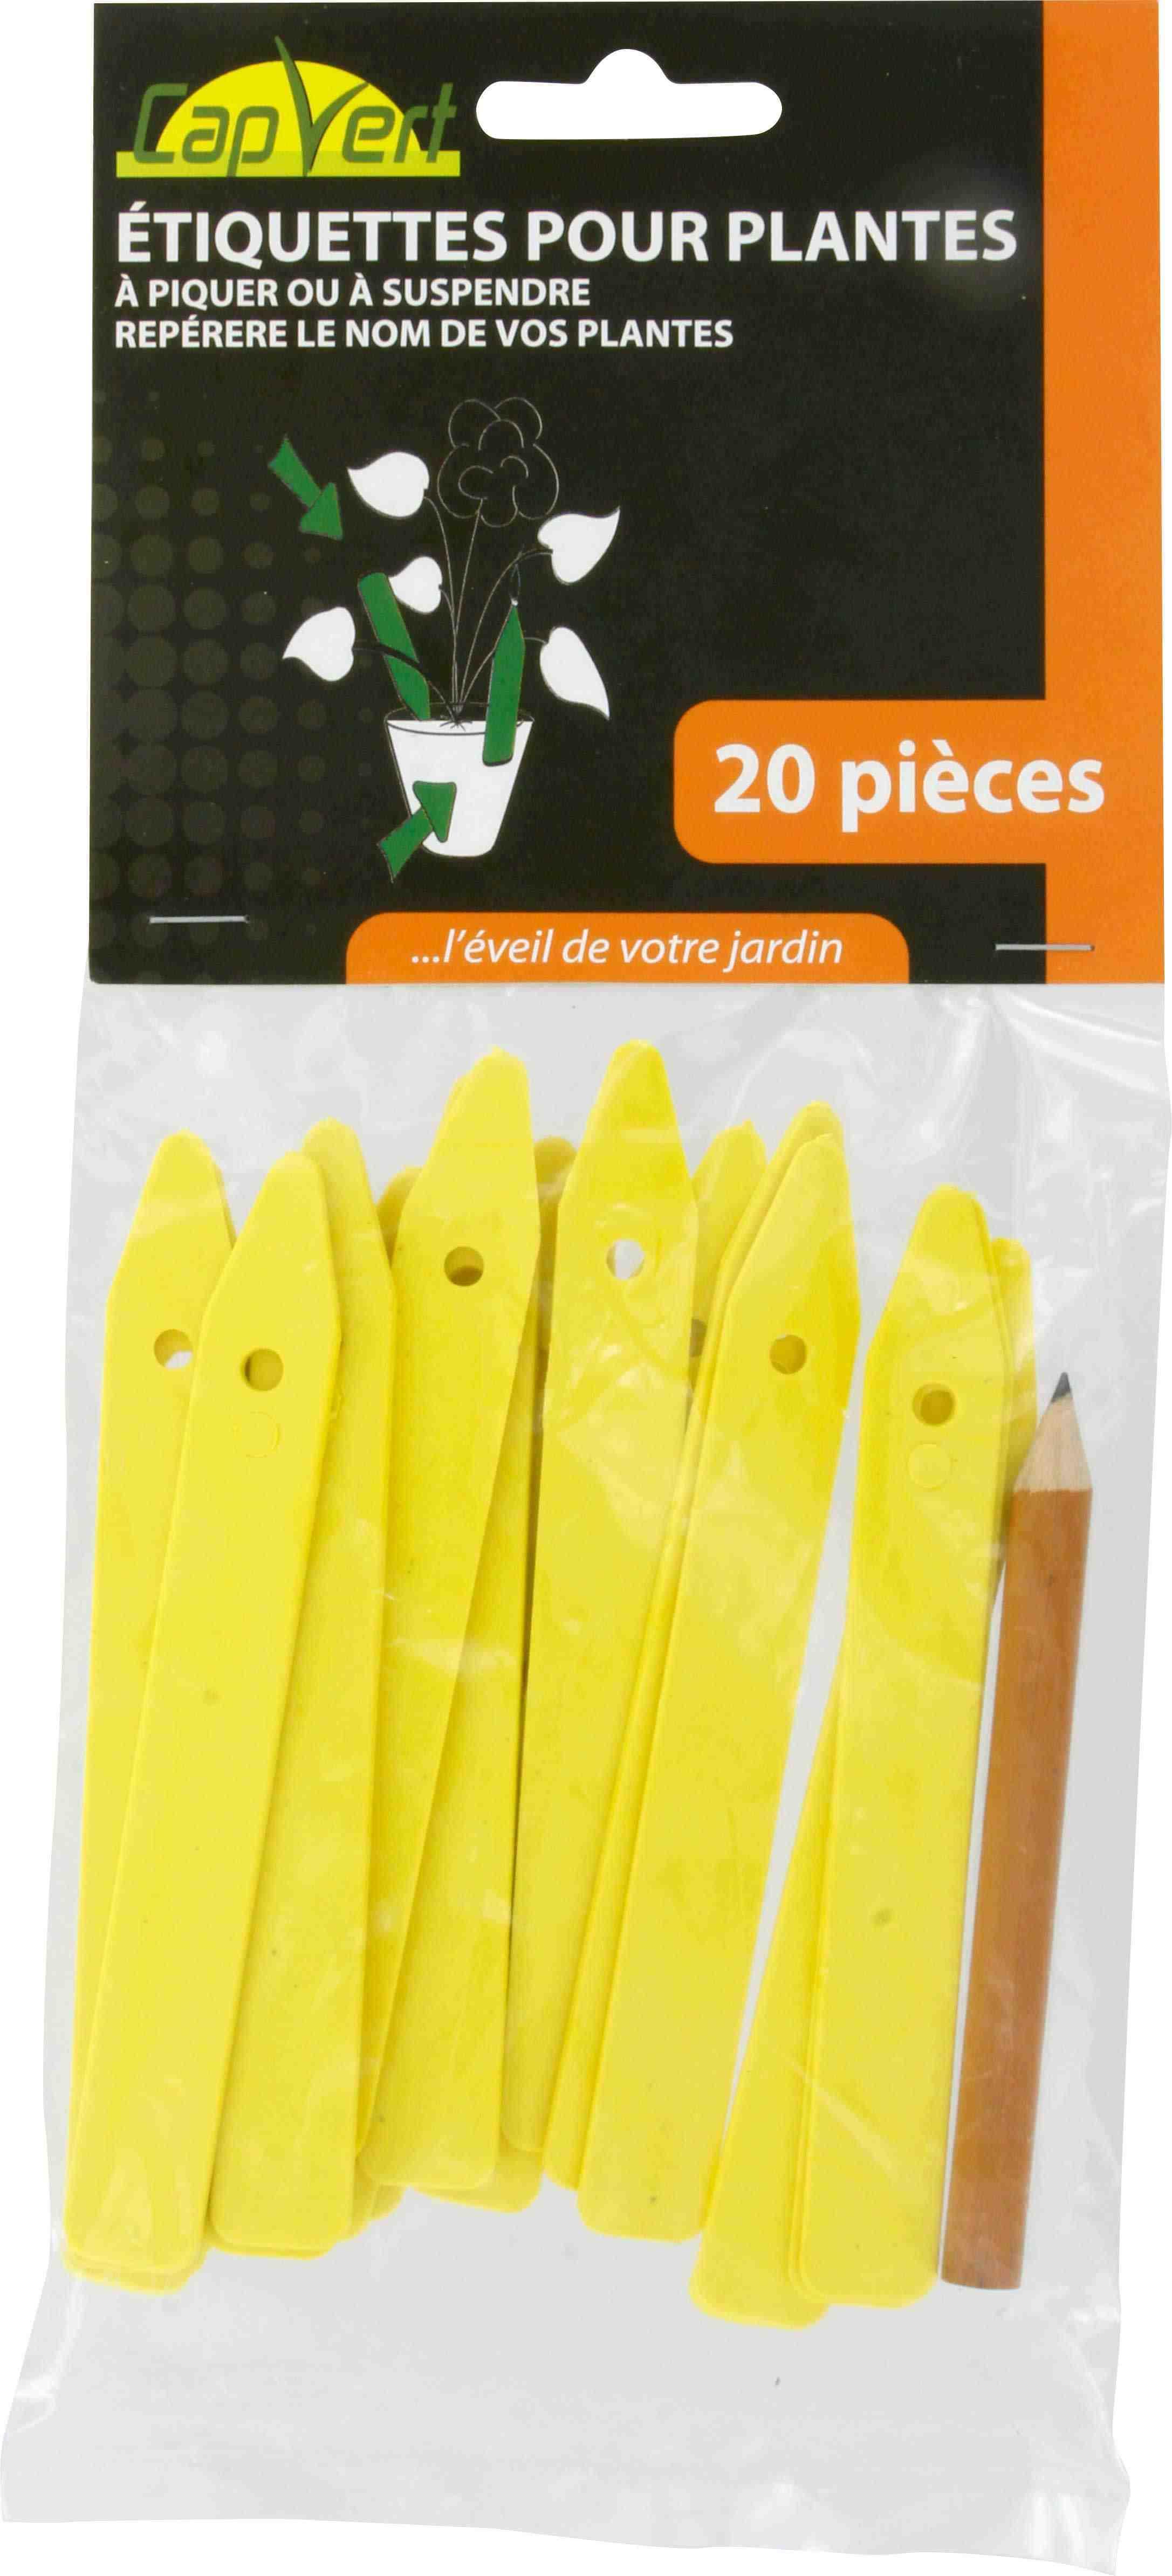 etiquette piquer ou suspendre cap vert longueur 13 5 cm vendu par 20. Black Bedroom Furniture Sets. Home Design Ideas